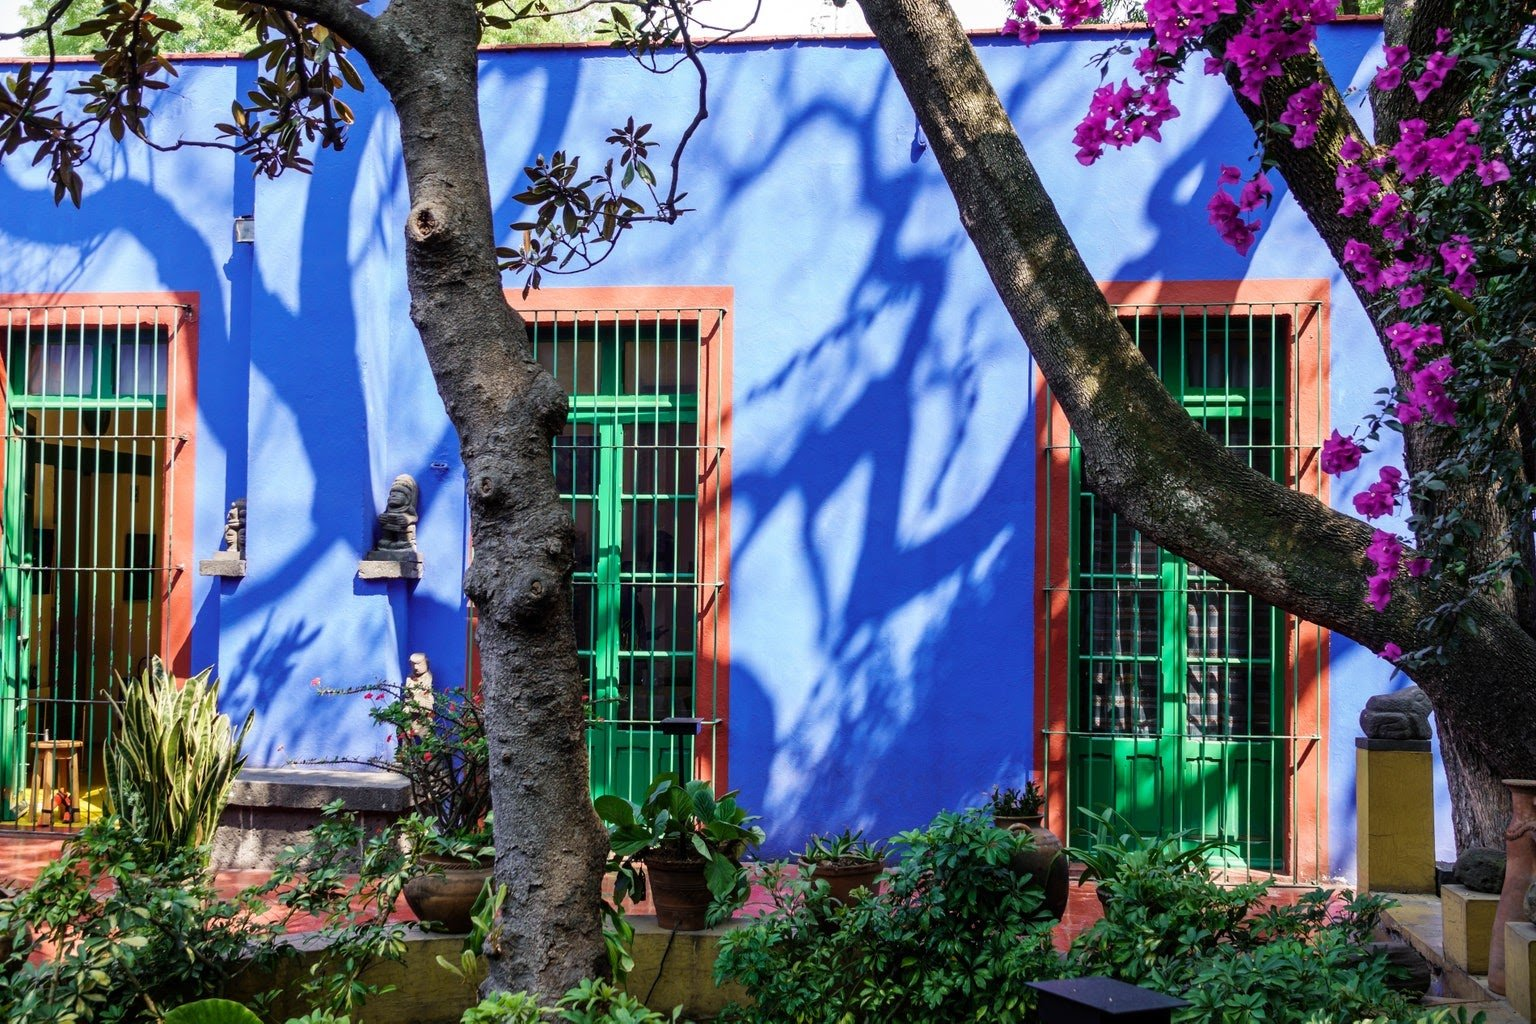 Visite virtuelle du mus e Frida Kahlo 4